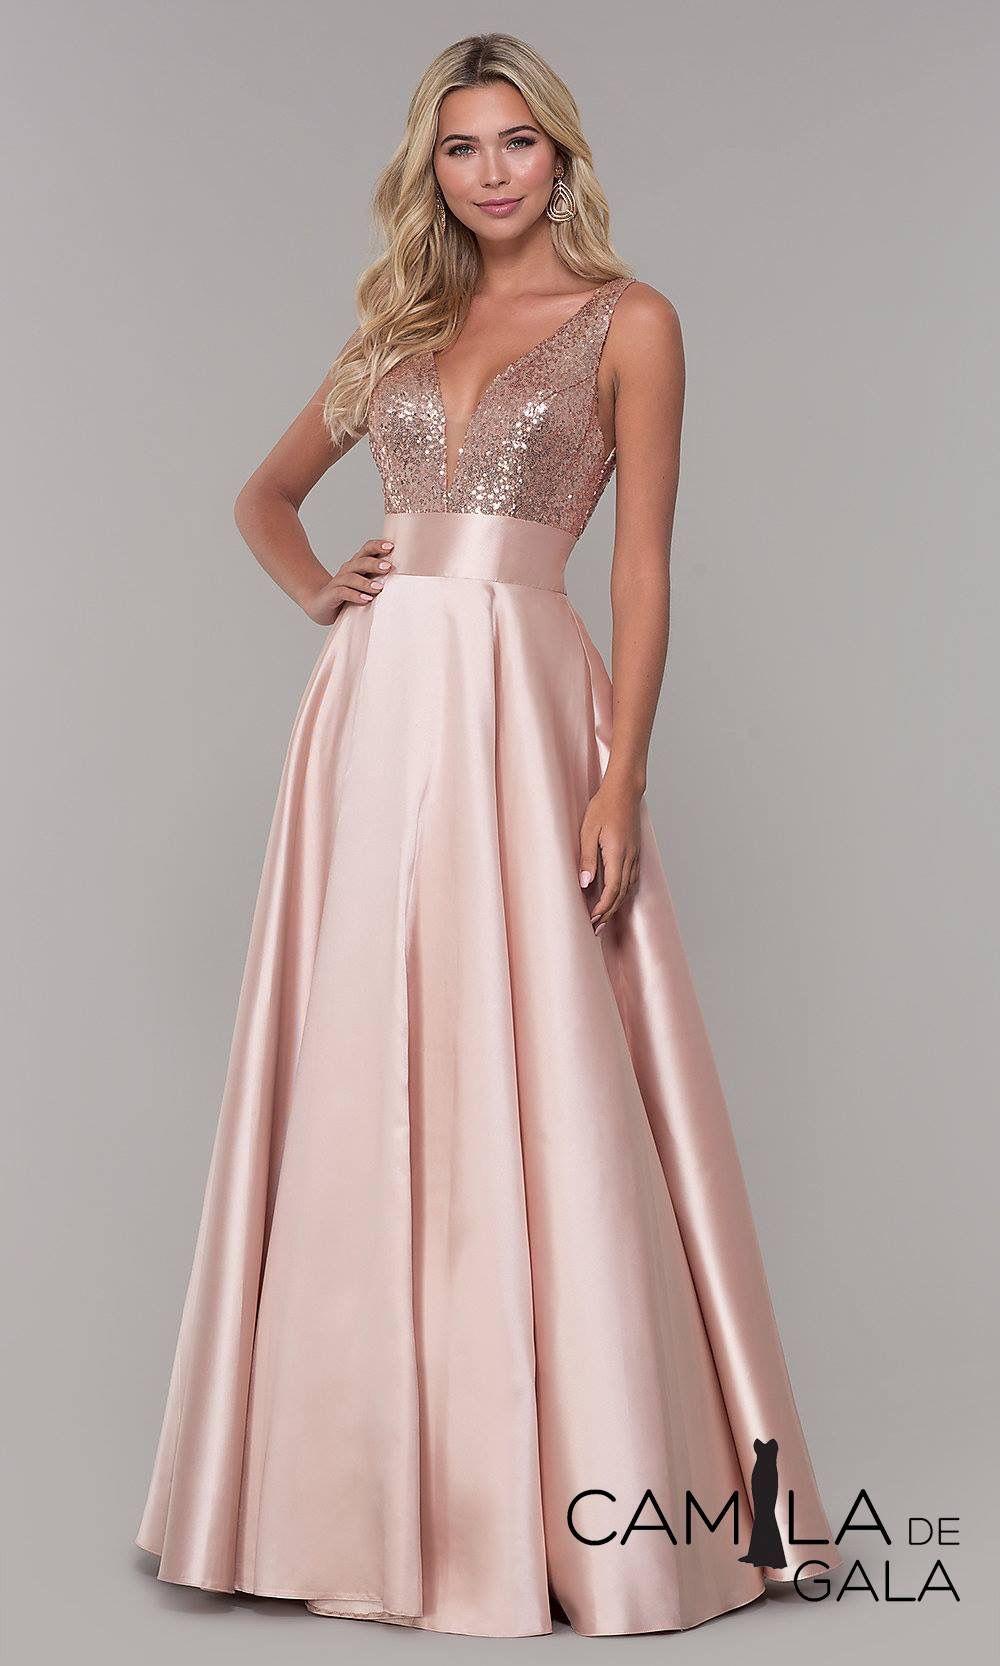 Camila De Gala En 2019 Vestidos De Fiesta Rosados